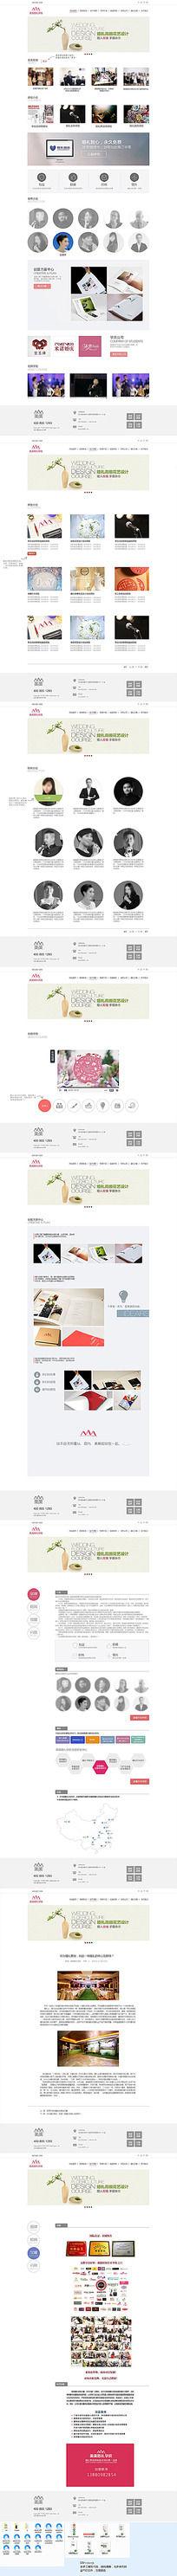 婚庆培训网站UI+html+psd PSD